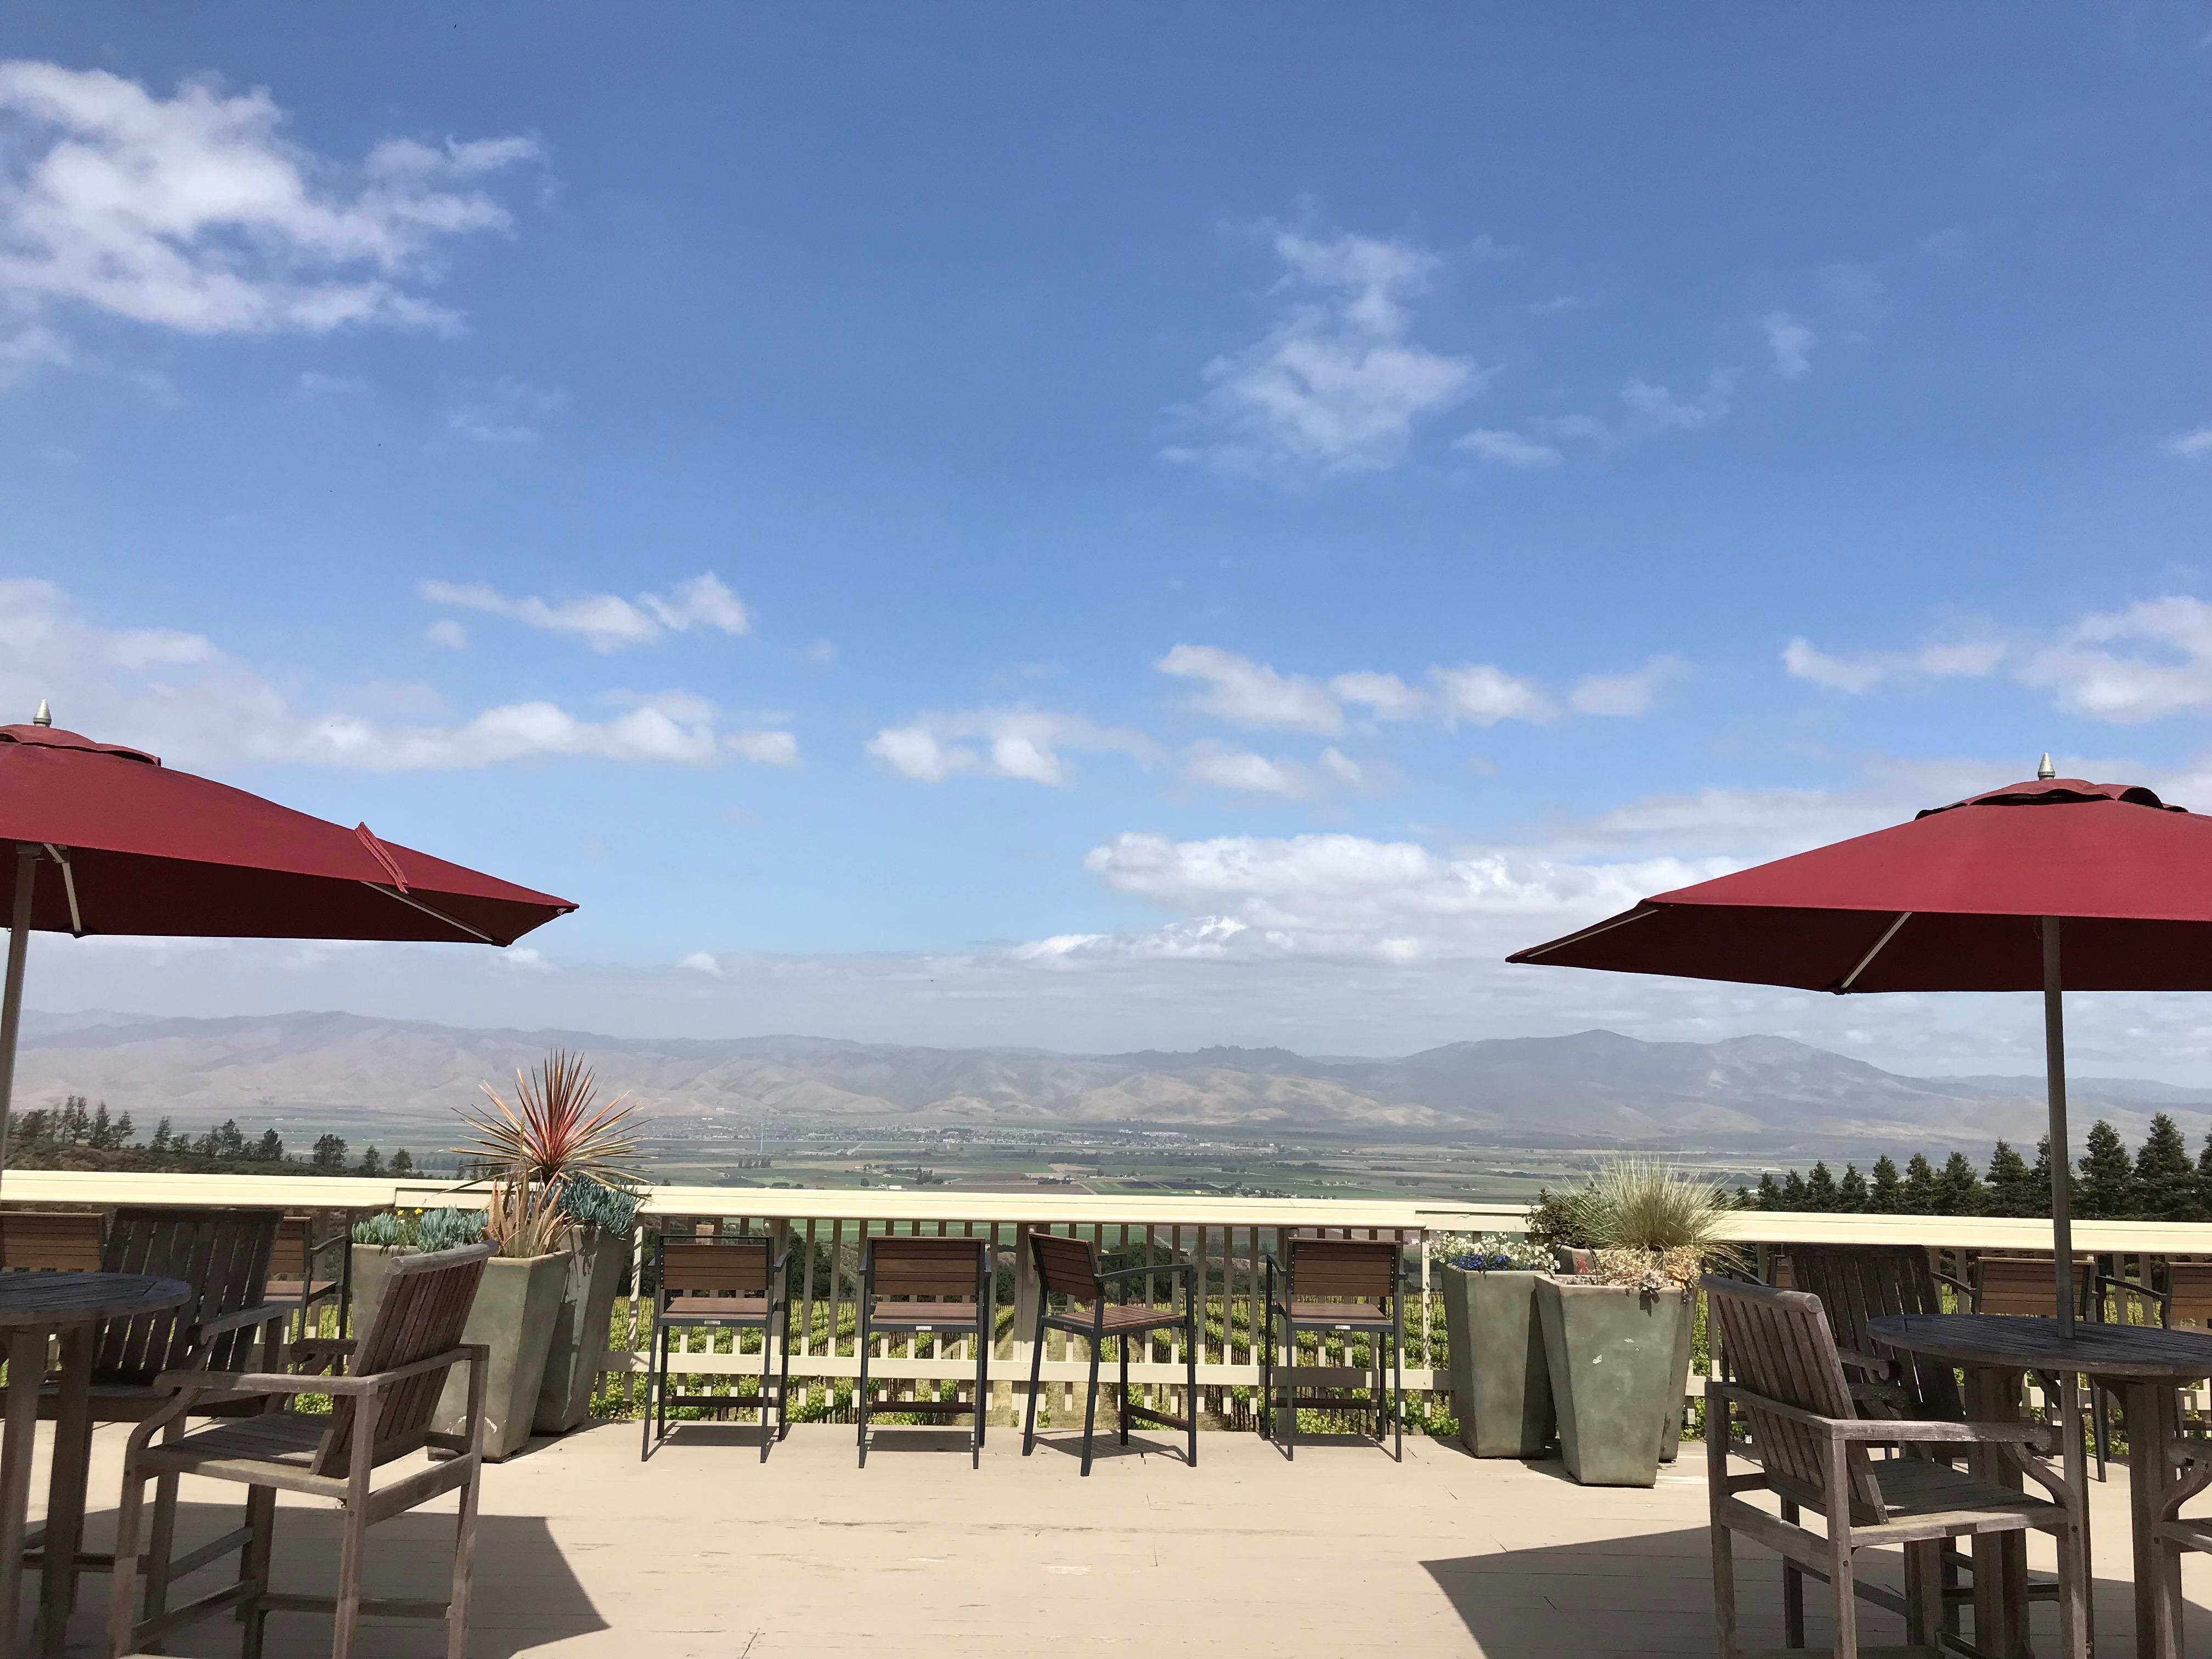 ◆募集中◆ 2020.12.19   南カリフォルニアワインを楽しむ会 第16回 【モントレー】